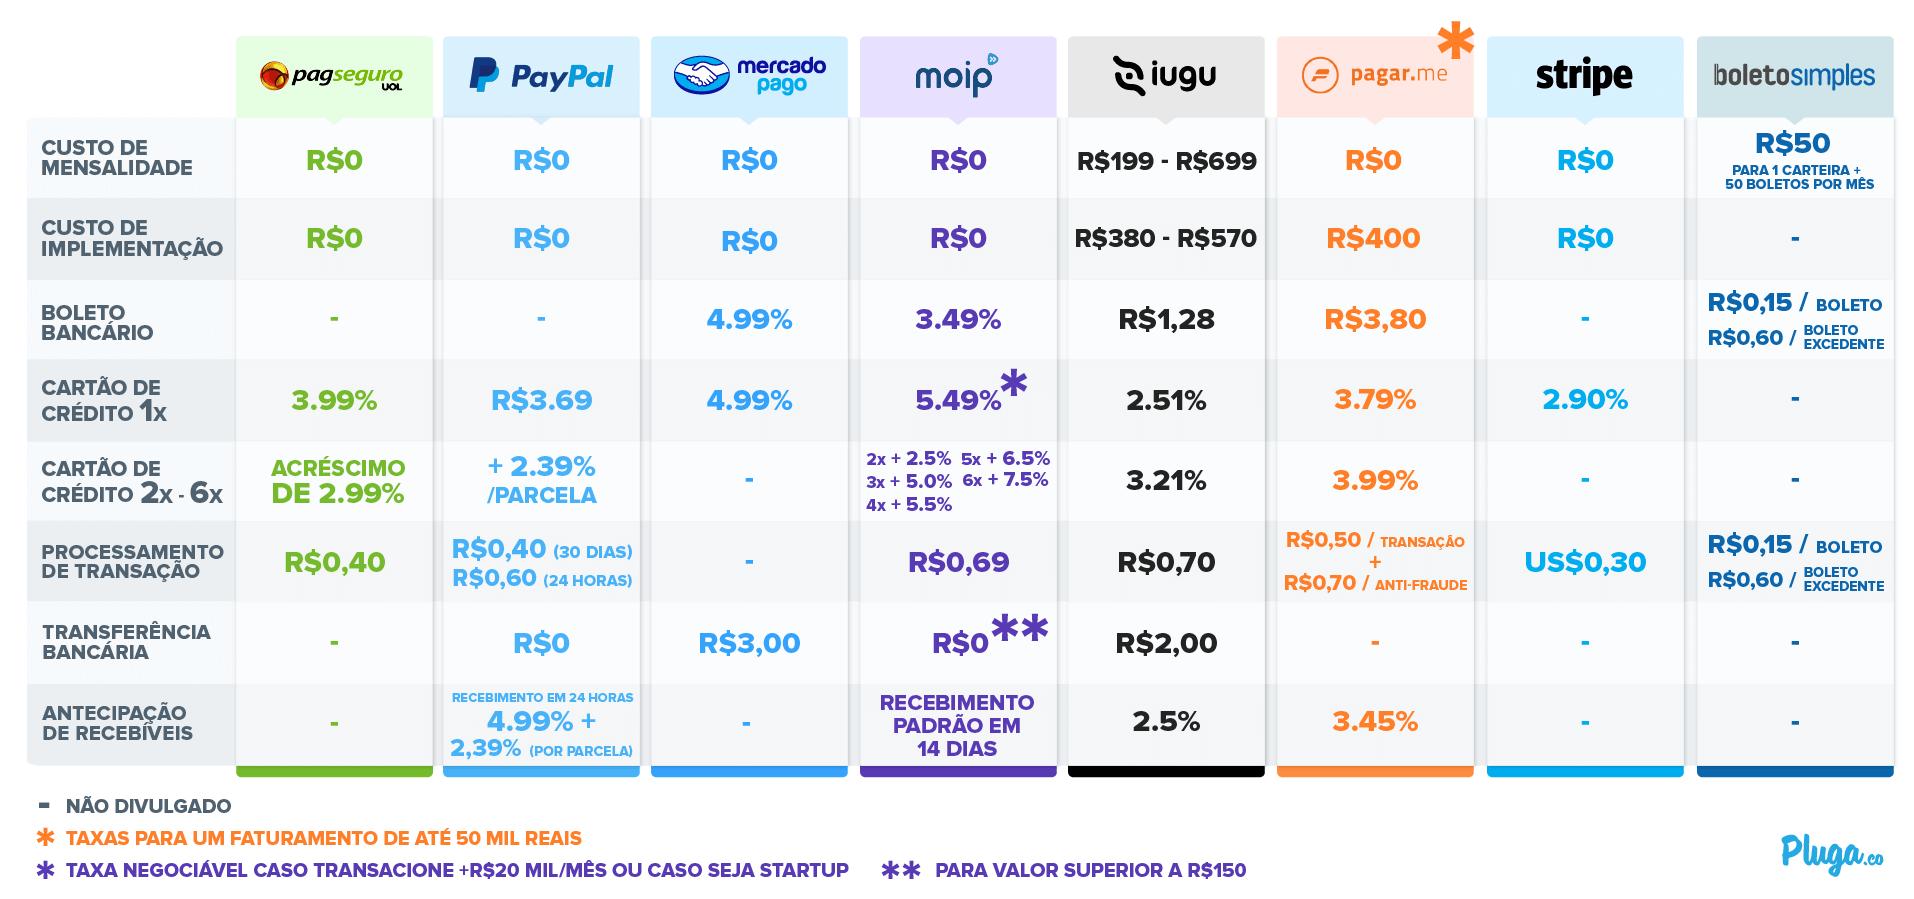 Gateway de pagamento mais barato